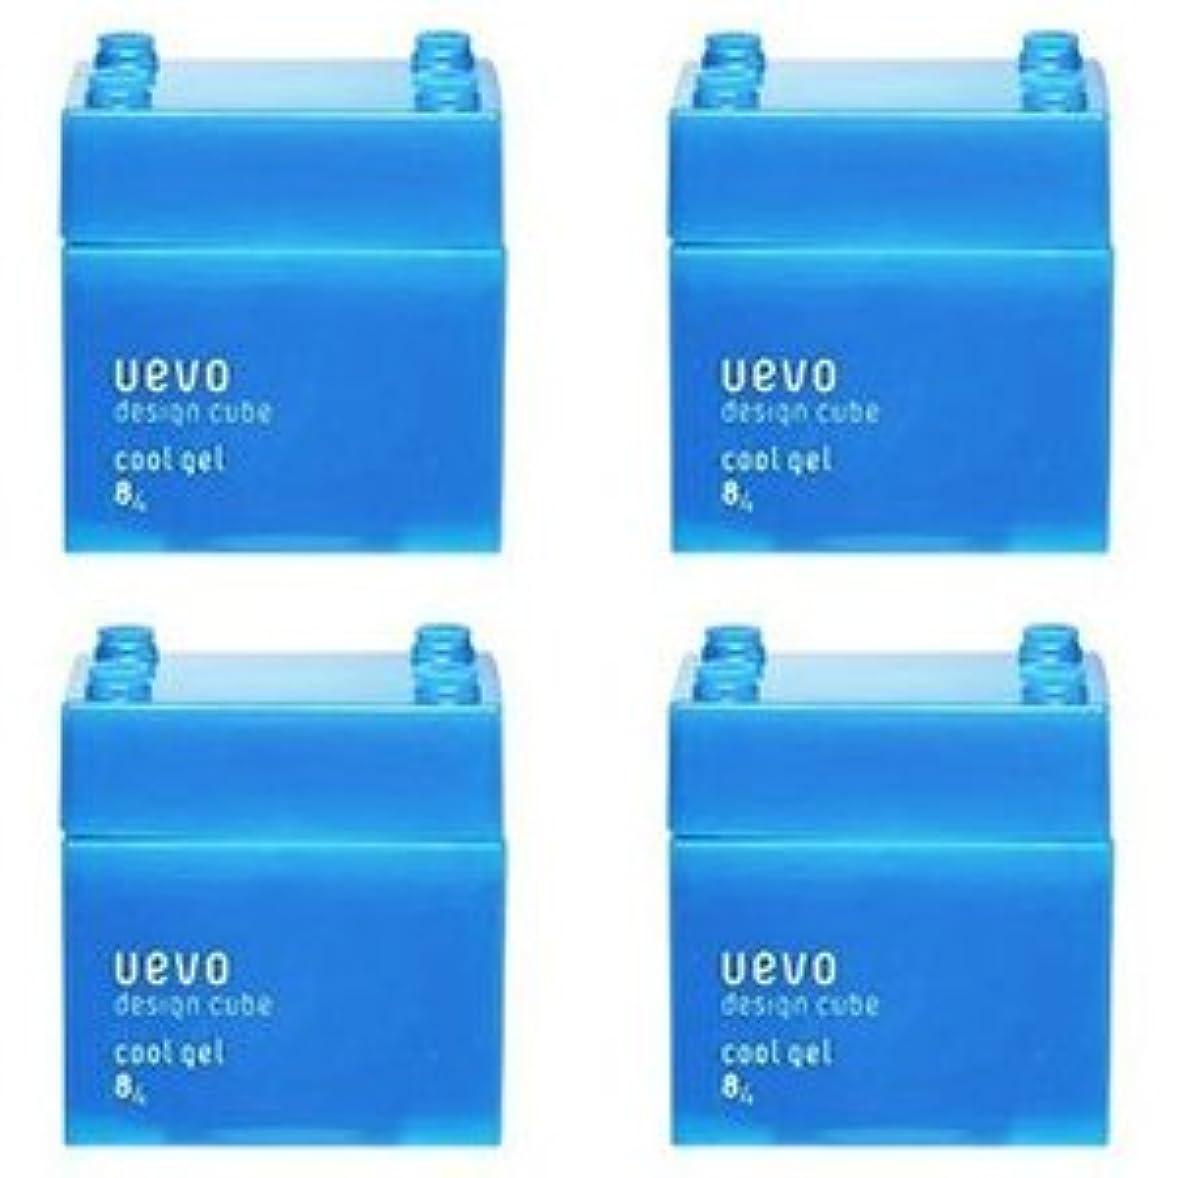 肘学部長楽しむ【X4個セット】 デミ ウェーボ デザインキューブ クールジェル 80g cool gel DEMI uevo design cube